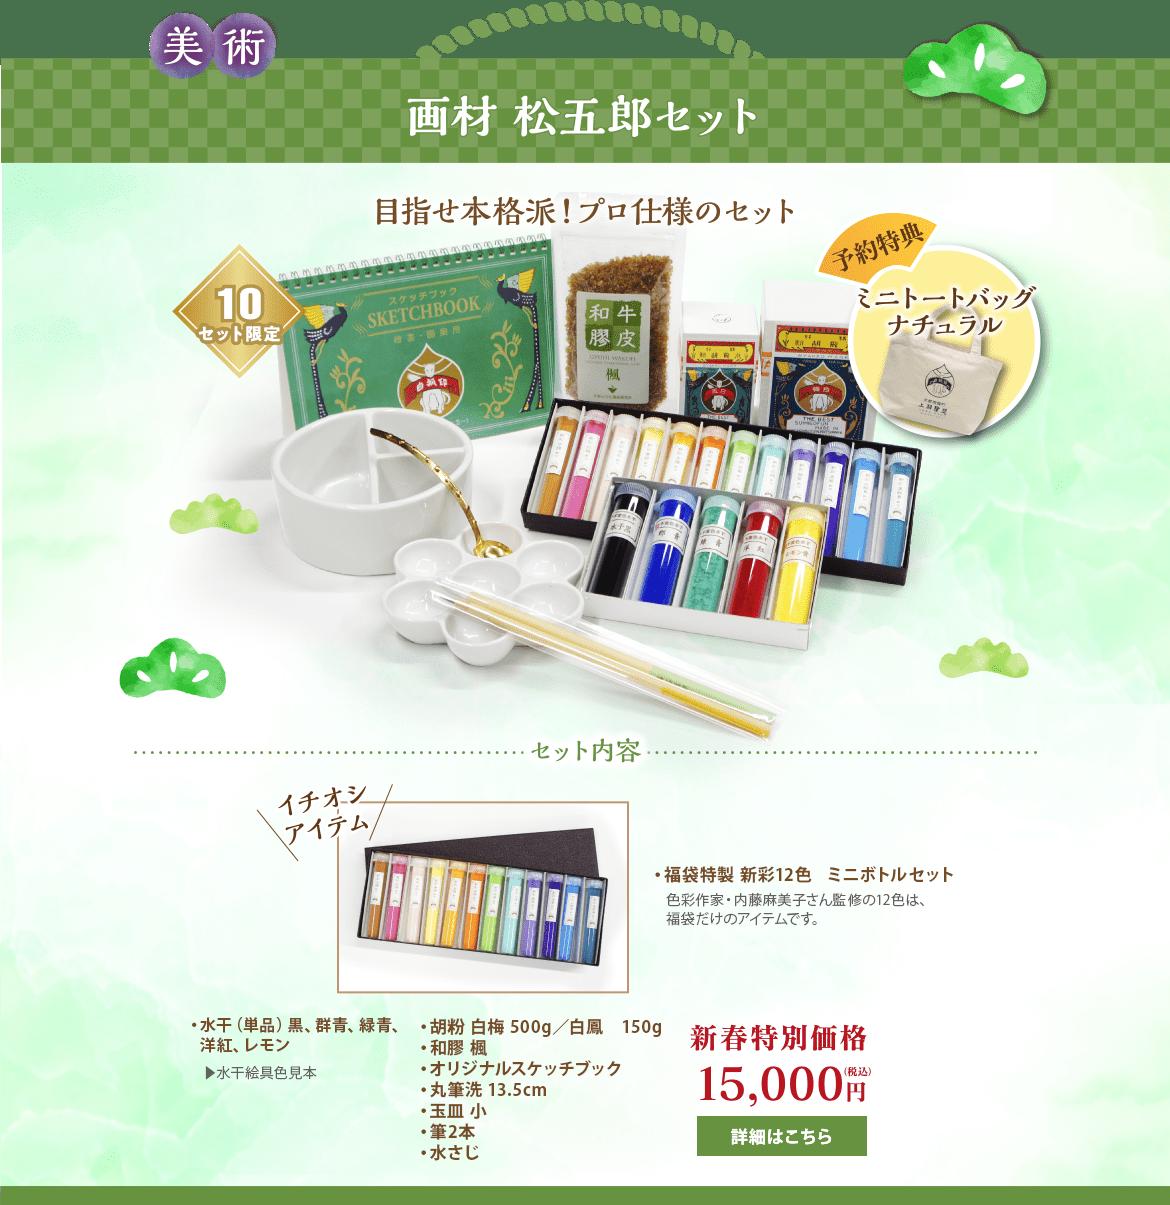 【画材】松五郎セット